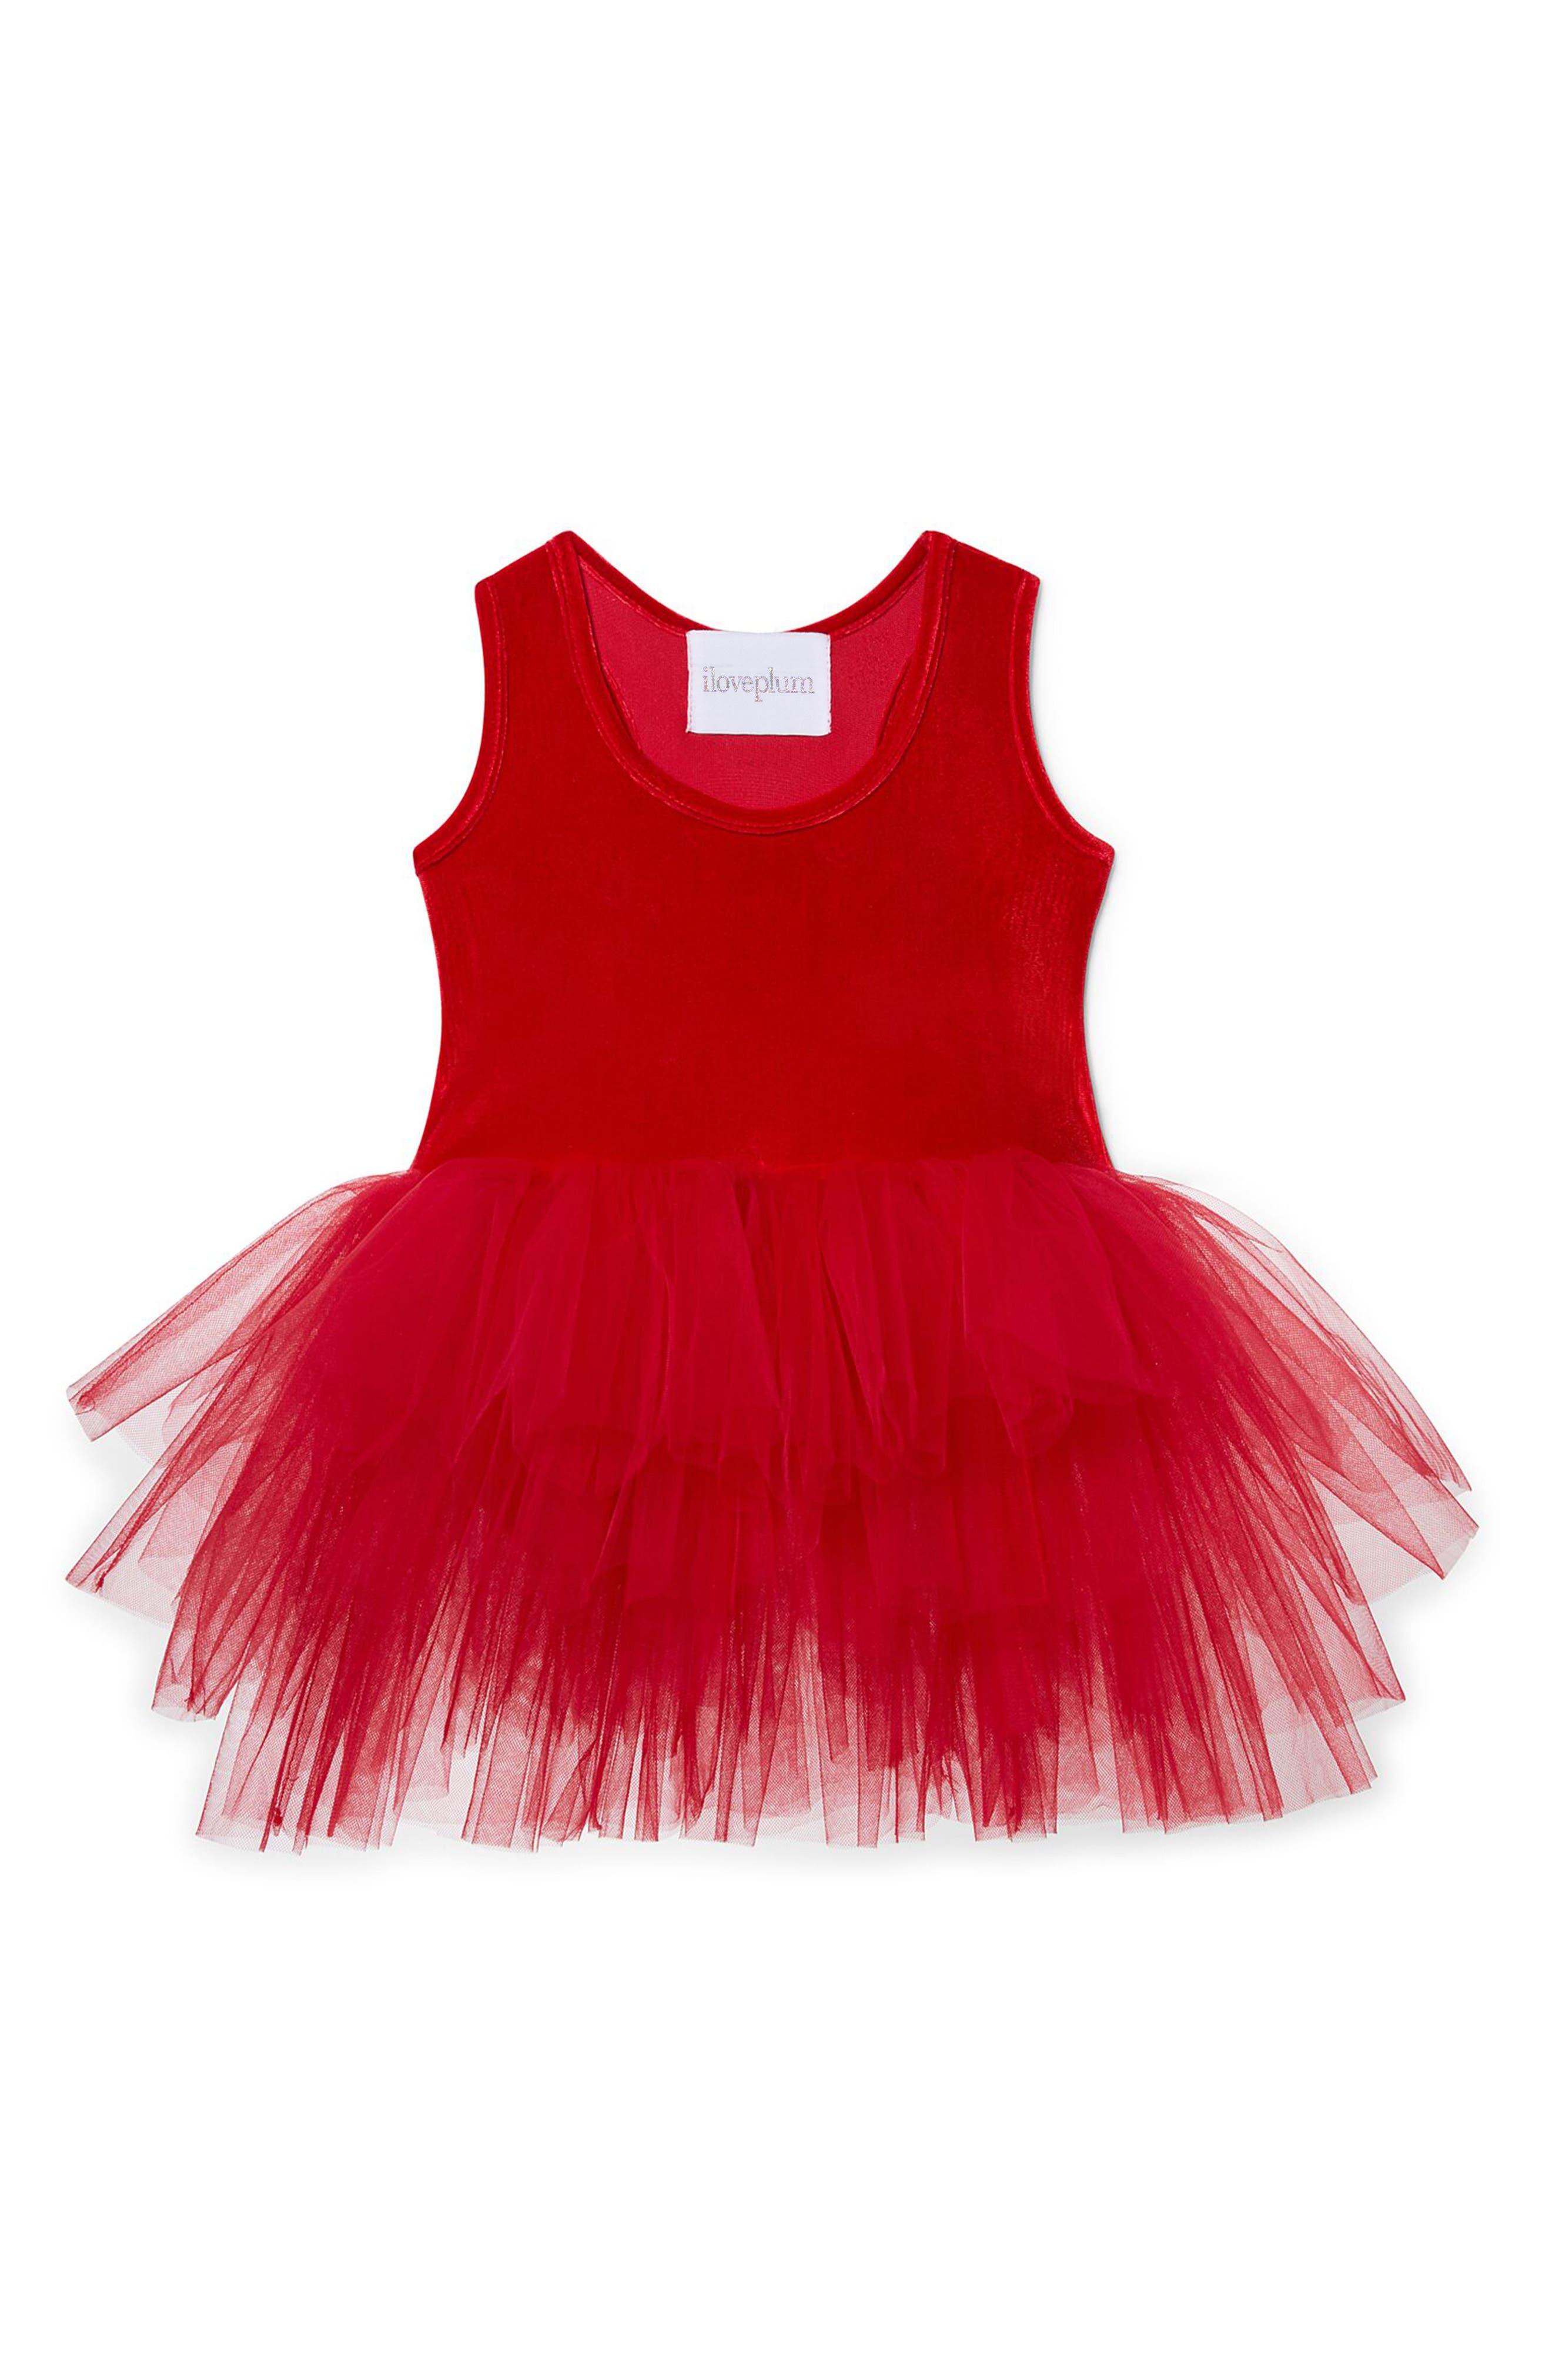 Velvet & Tulle Tutu Dress,                             Main thumbnail 1, color,                             Red Velvet